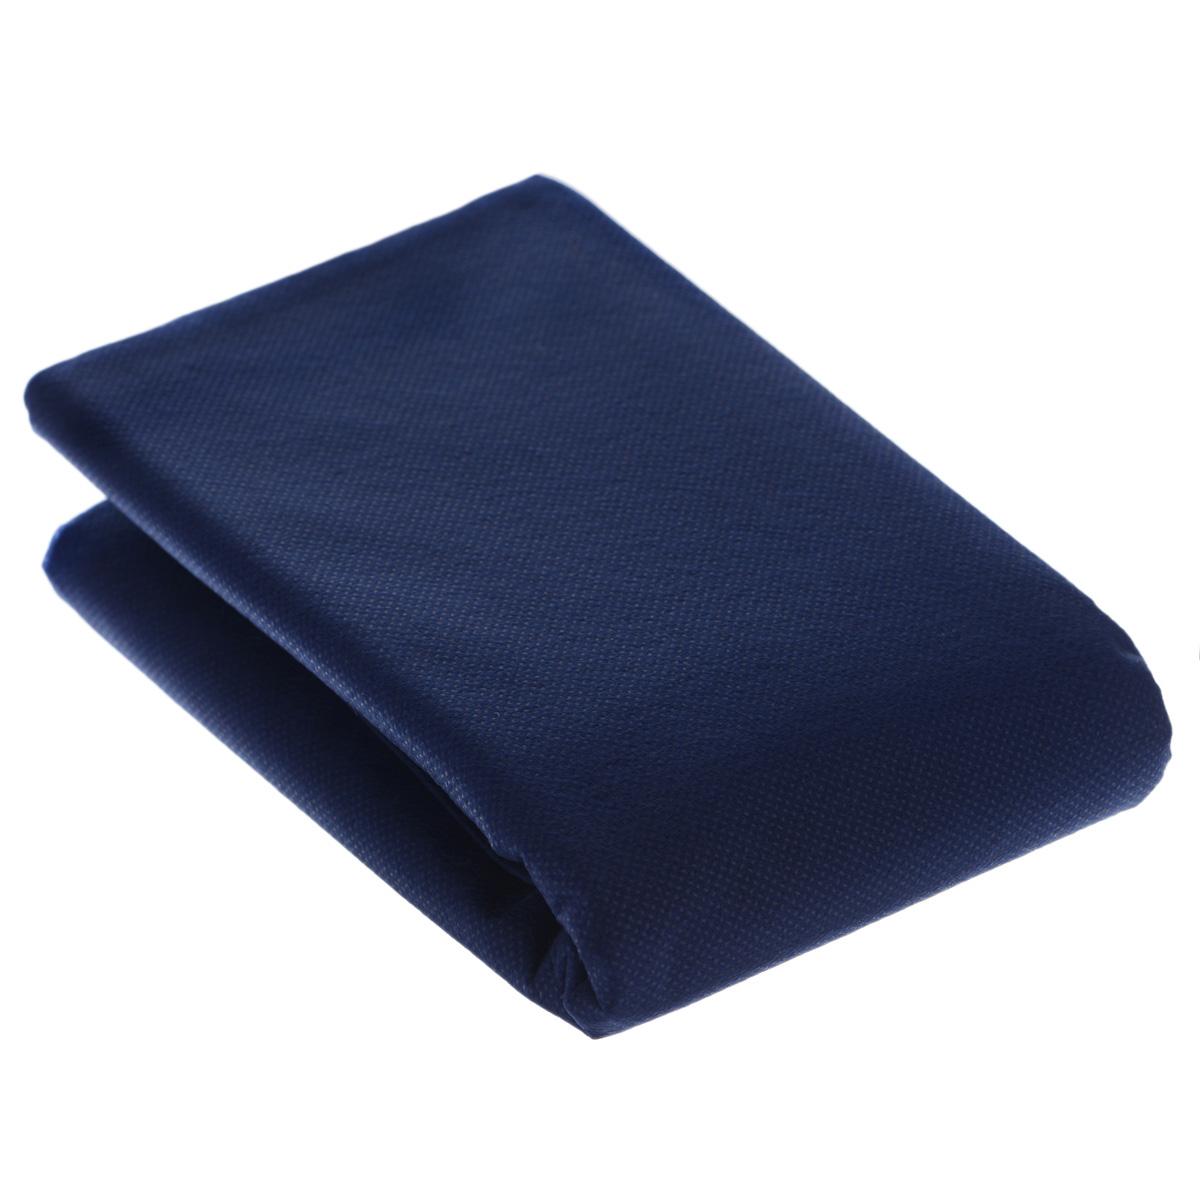 Скатерть Boyscout, прямоугольная, цвет: синий, 140 x 110 см61709Прямоугольная одноразовая скатерть Boyscout выполнена из нетканого полимерного материала типа спанбонд и предназначена для применения в домашнем хозяйстве, на пикнике, на даче, в туризме. Такая салфетка добавит ярких красок любому мероприятию.